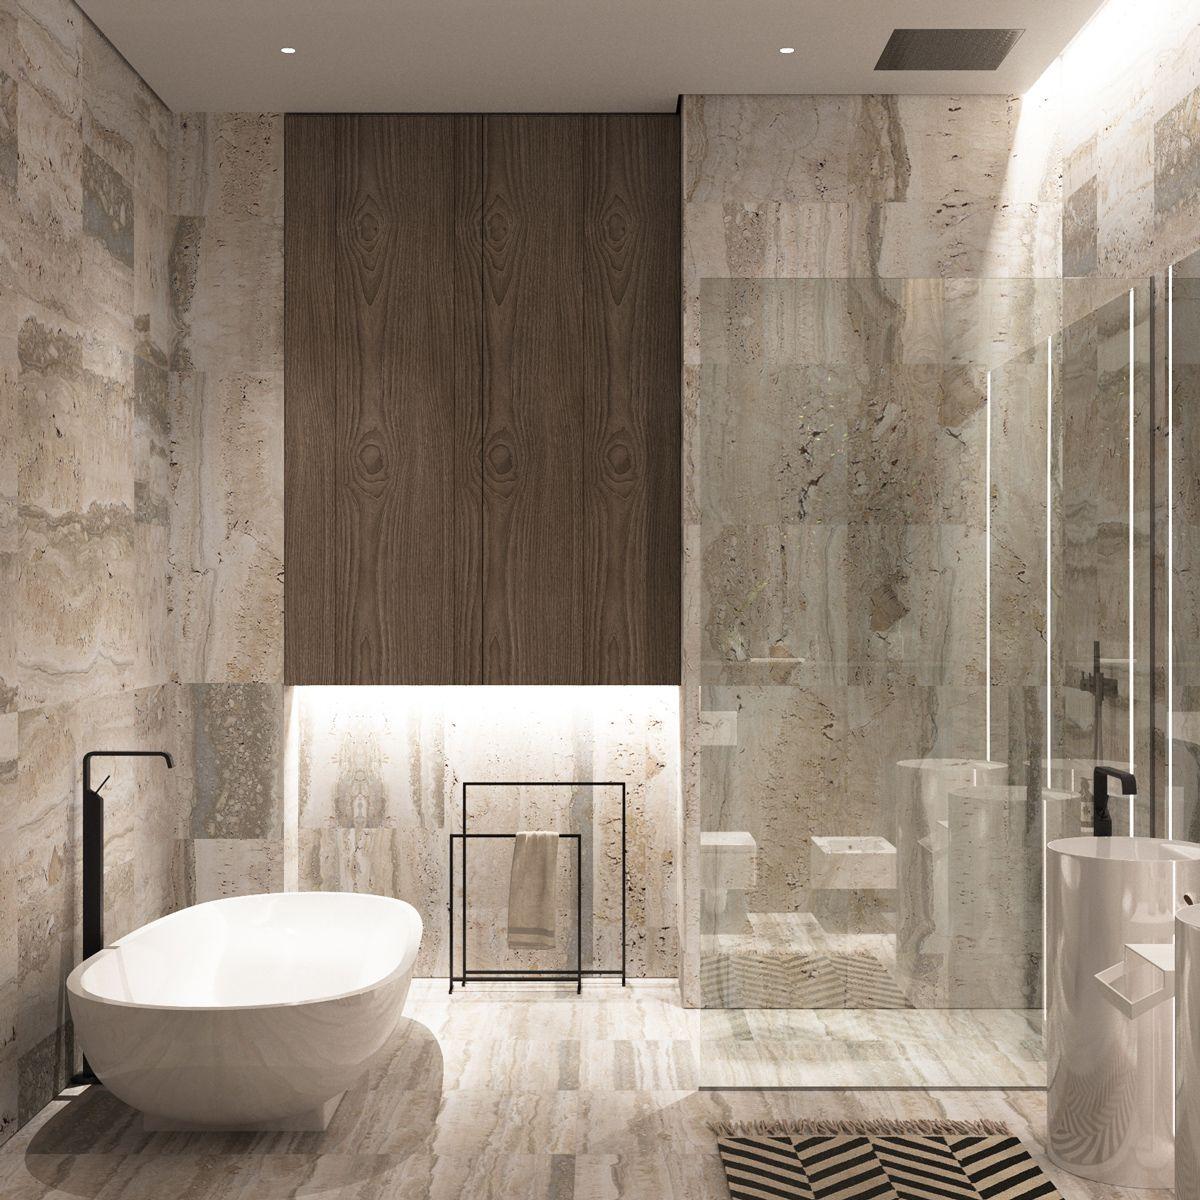 Pin von Al And auf BATHROOM | Pinterest | Badezimmer